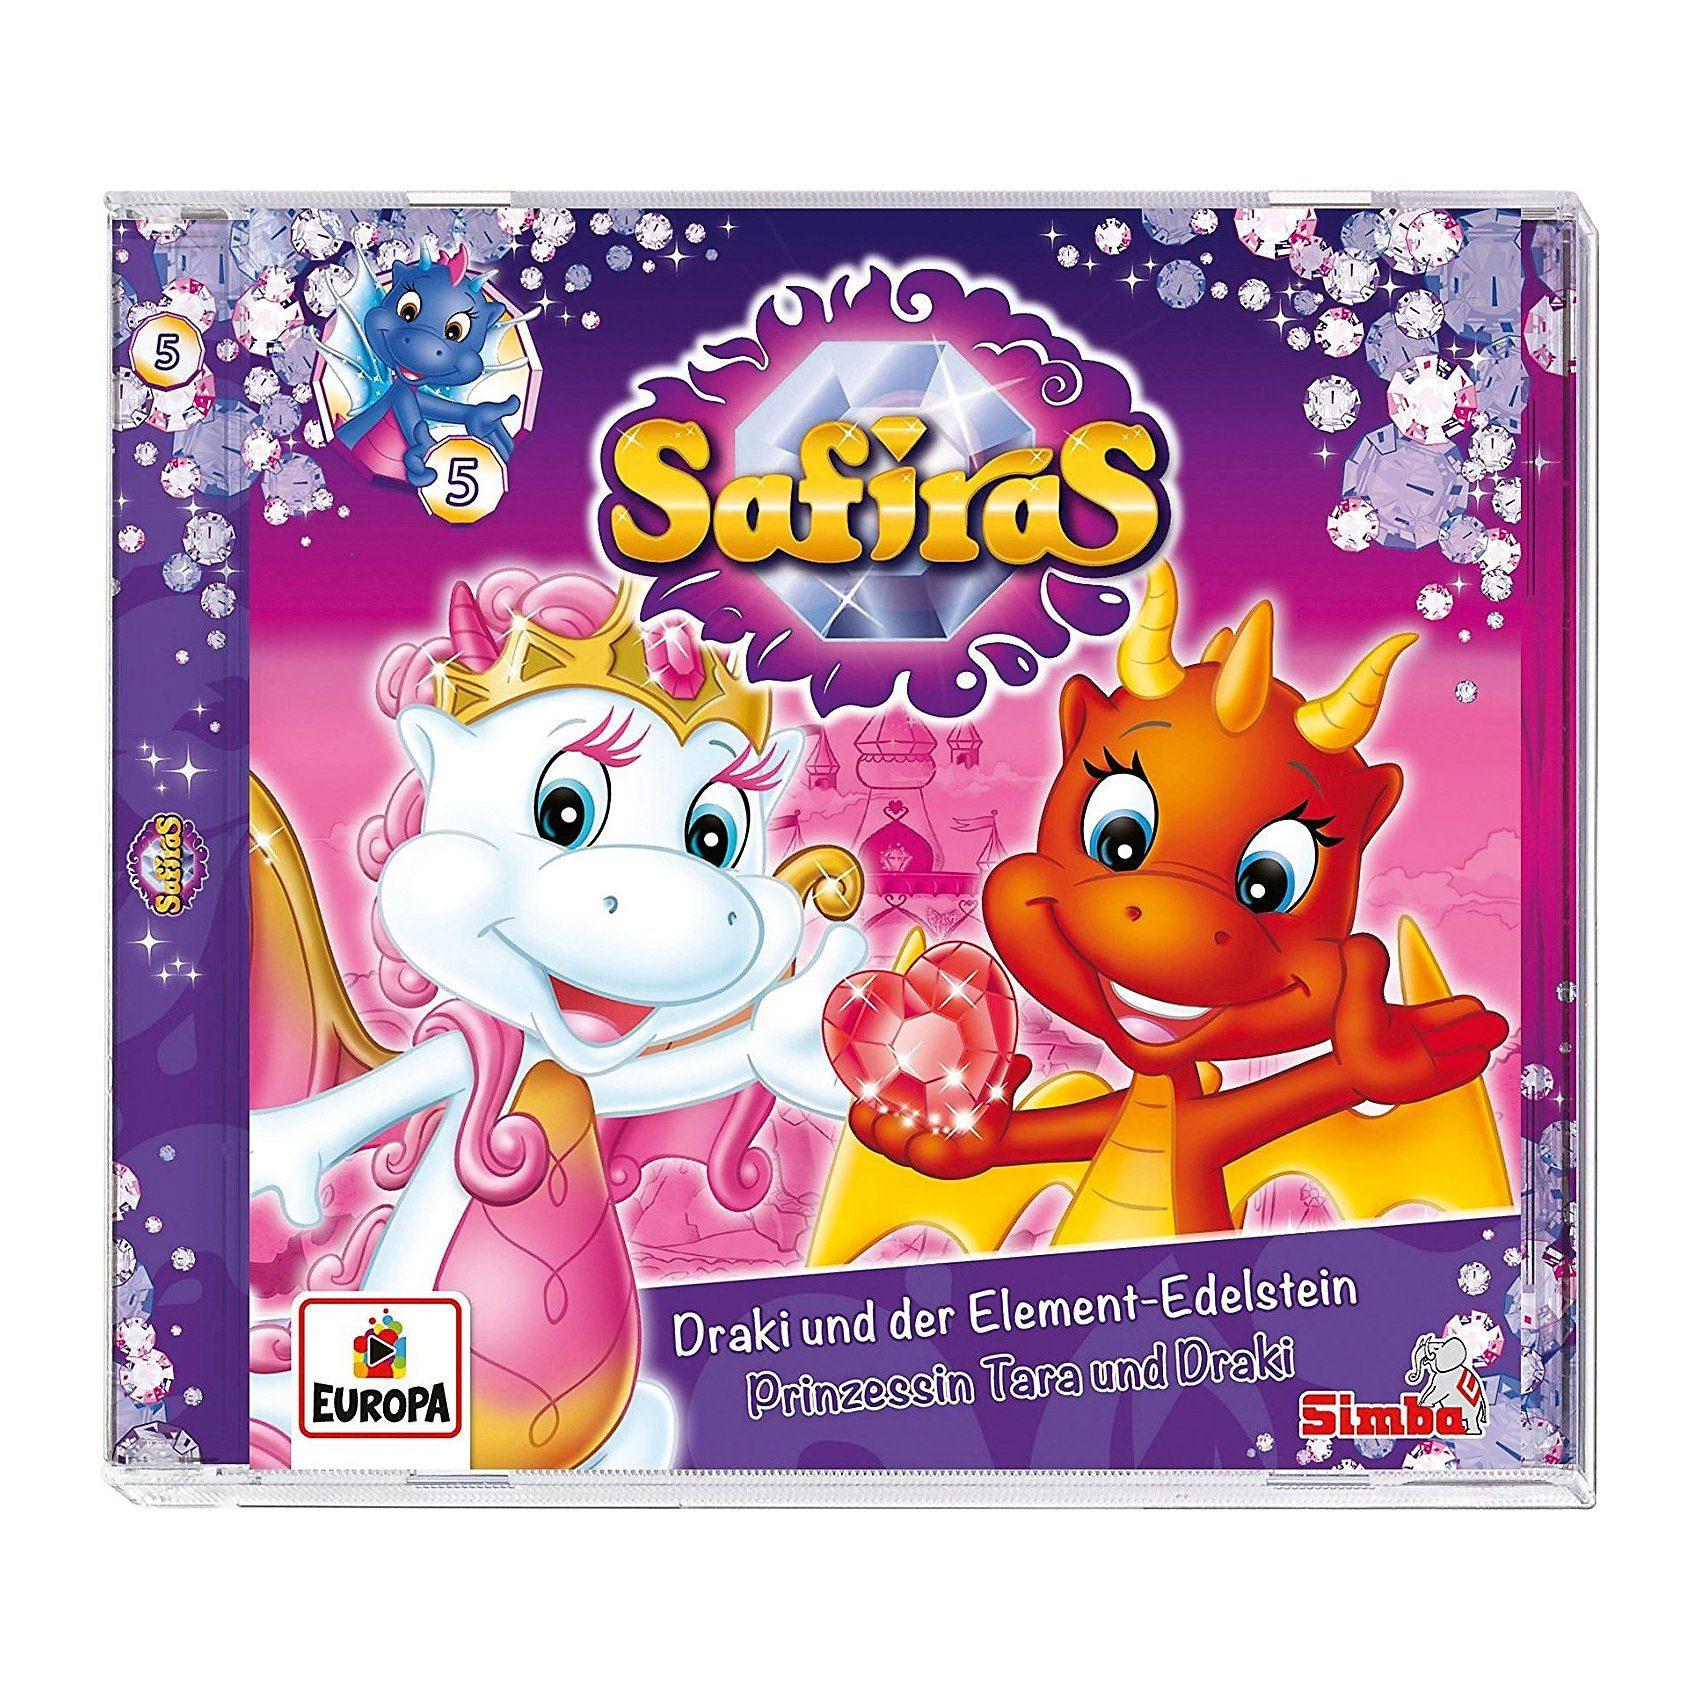 CD Safiras 5 - Draki und der Element-Edelstein/Prinzessin Ta